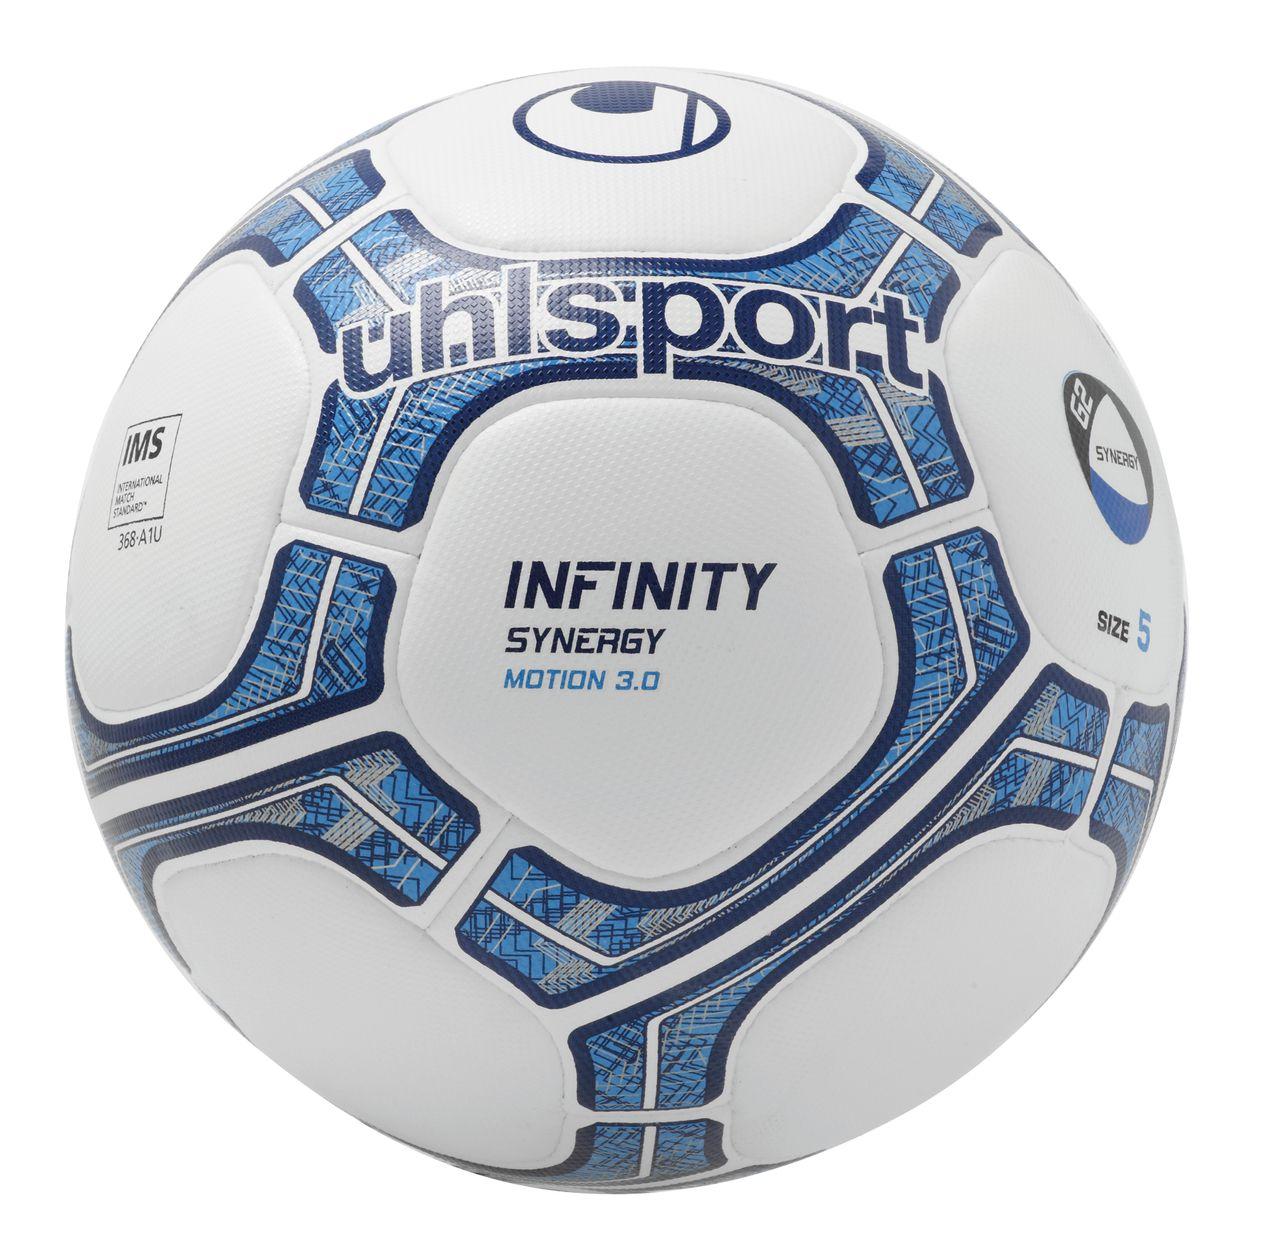 10 x Uhlsport Trainingsball INFINITY SYNERGY MOTION 3.0 inkl. Ballsack